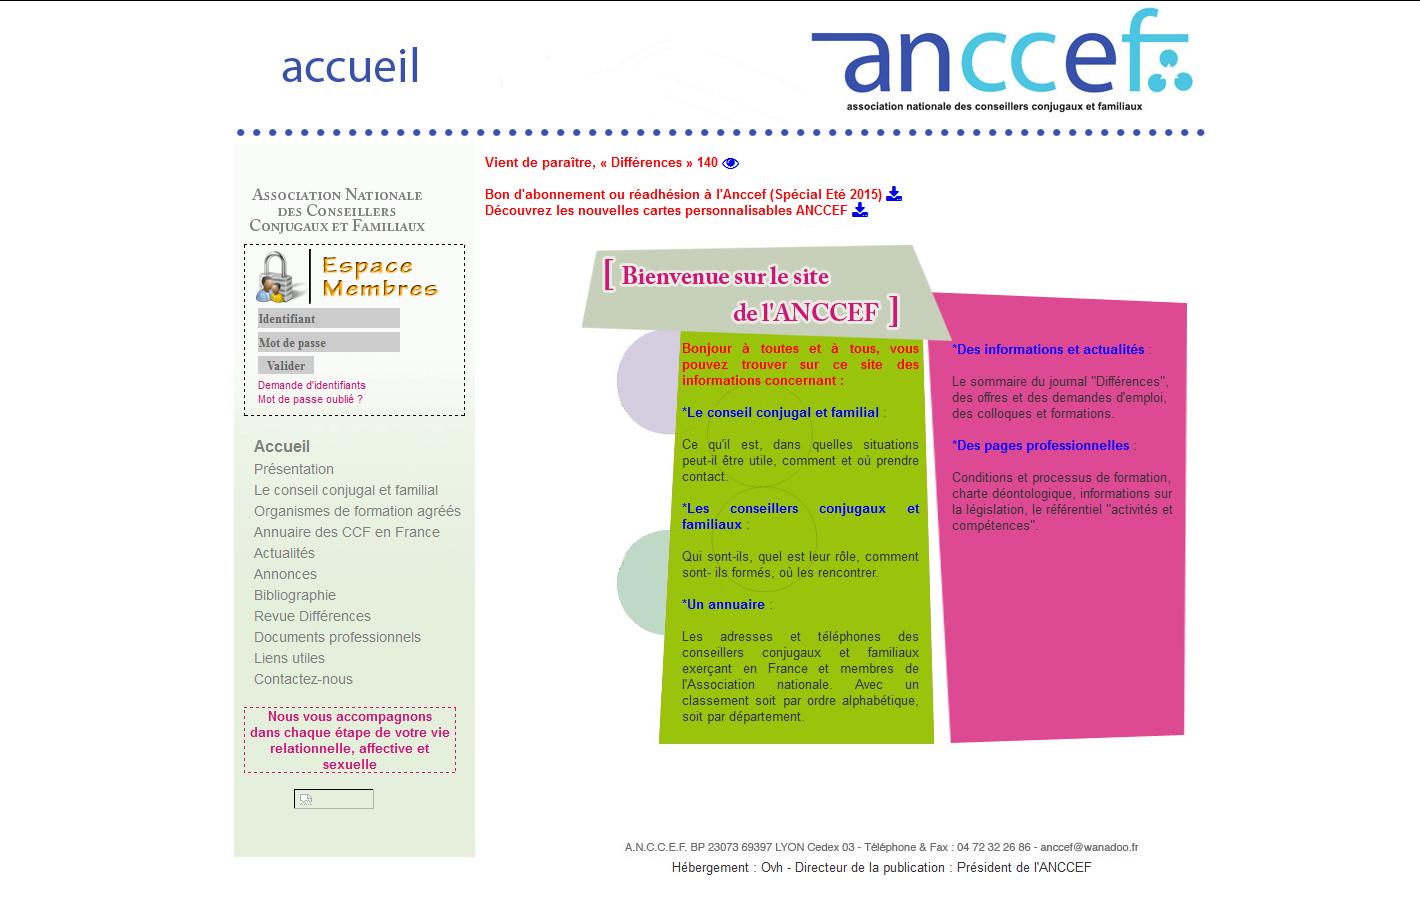 ANCCEF